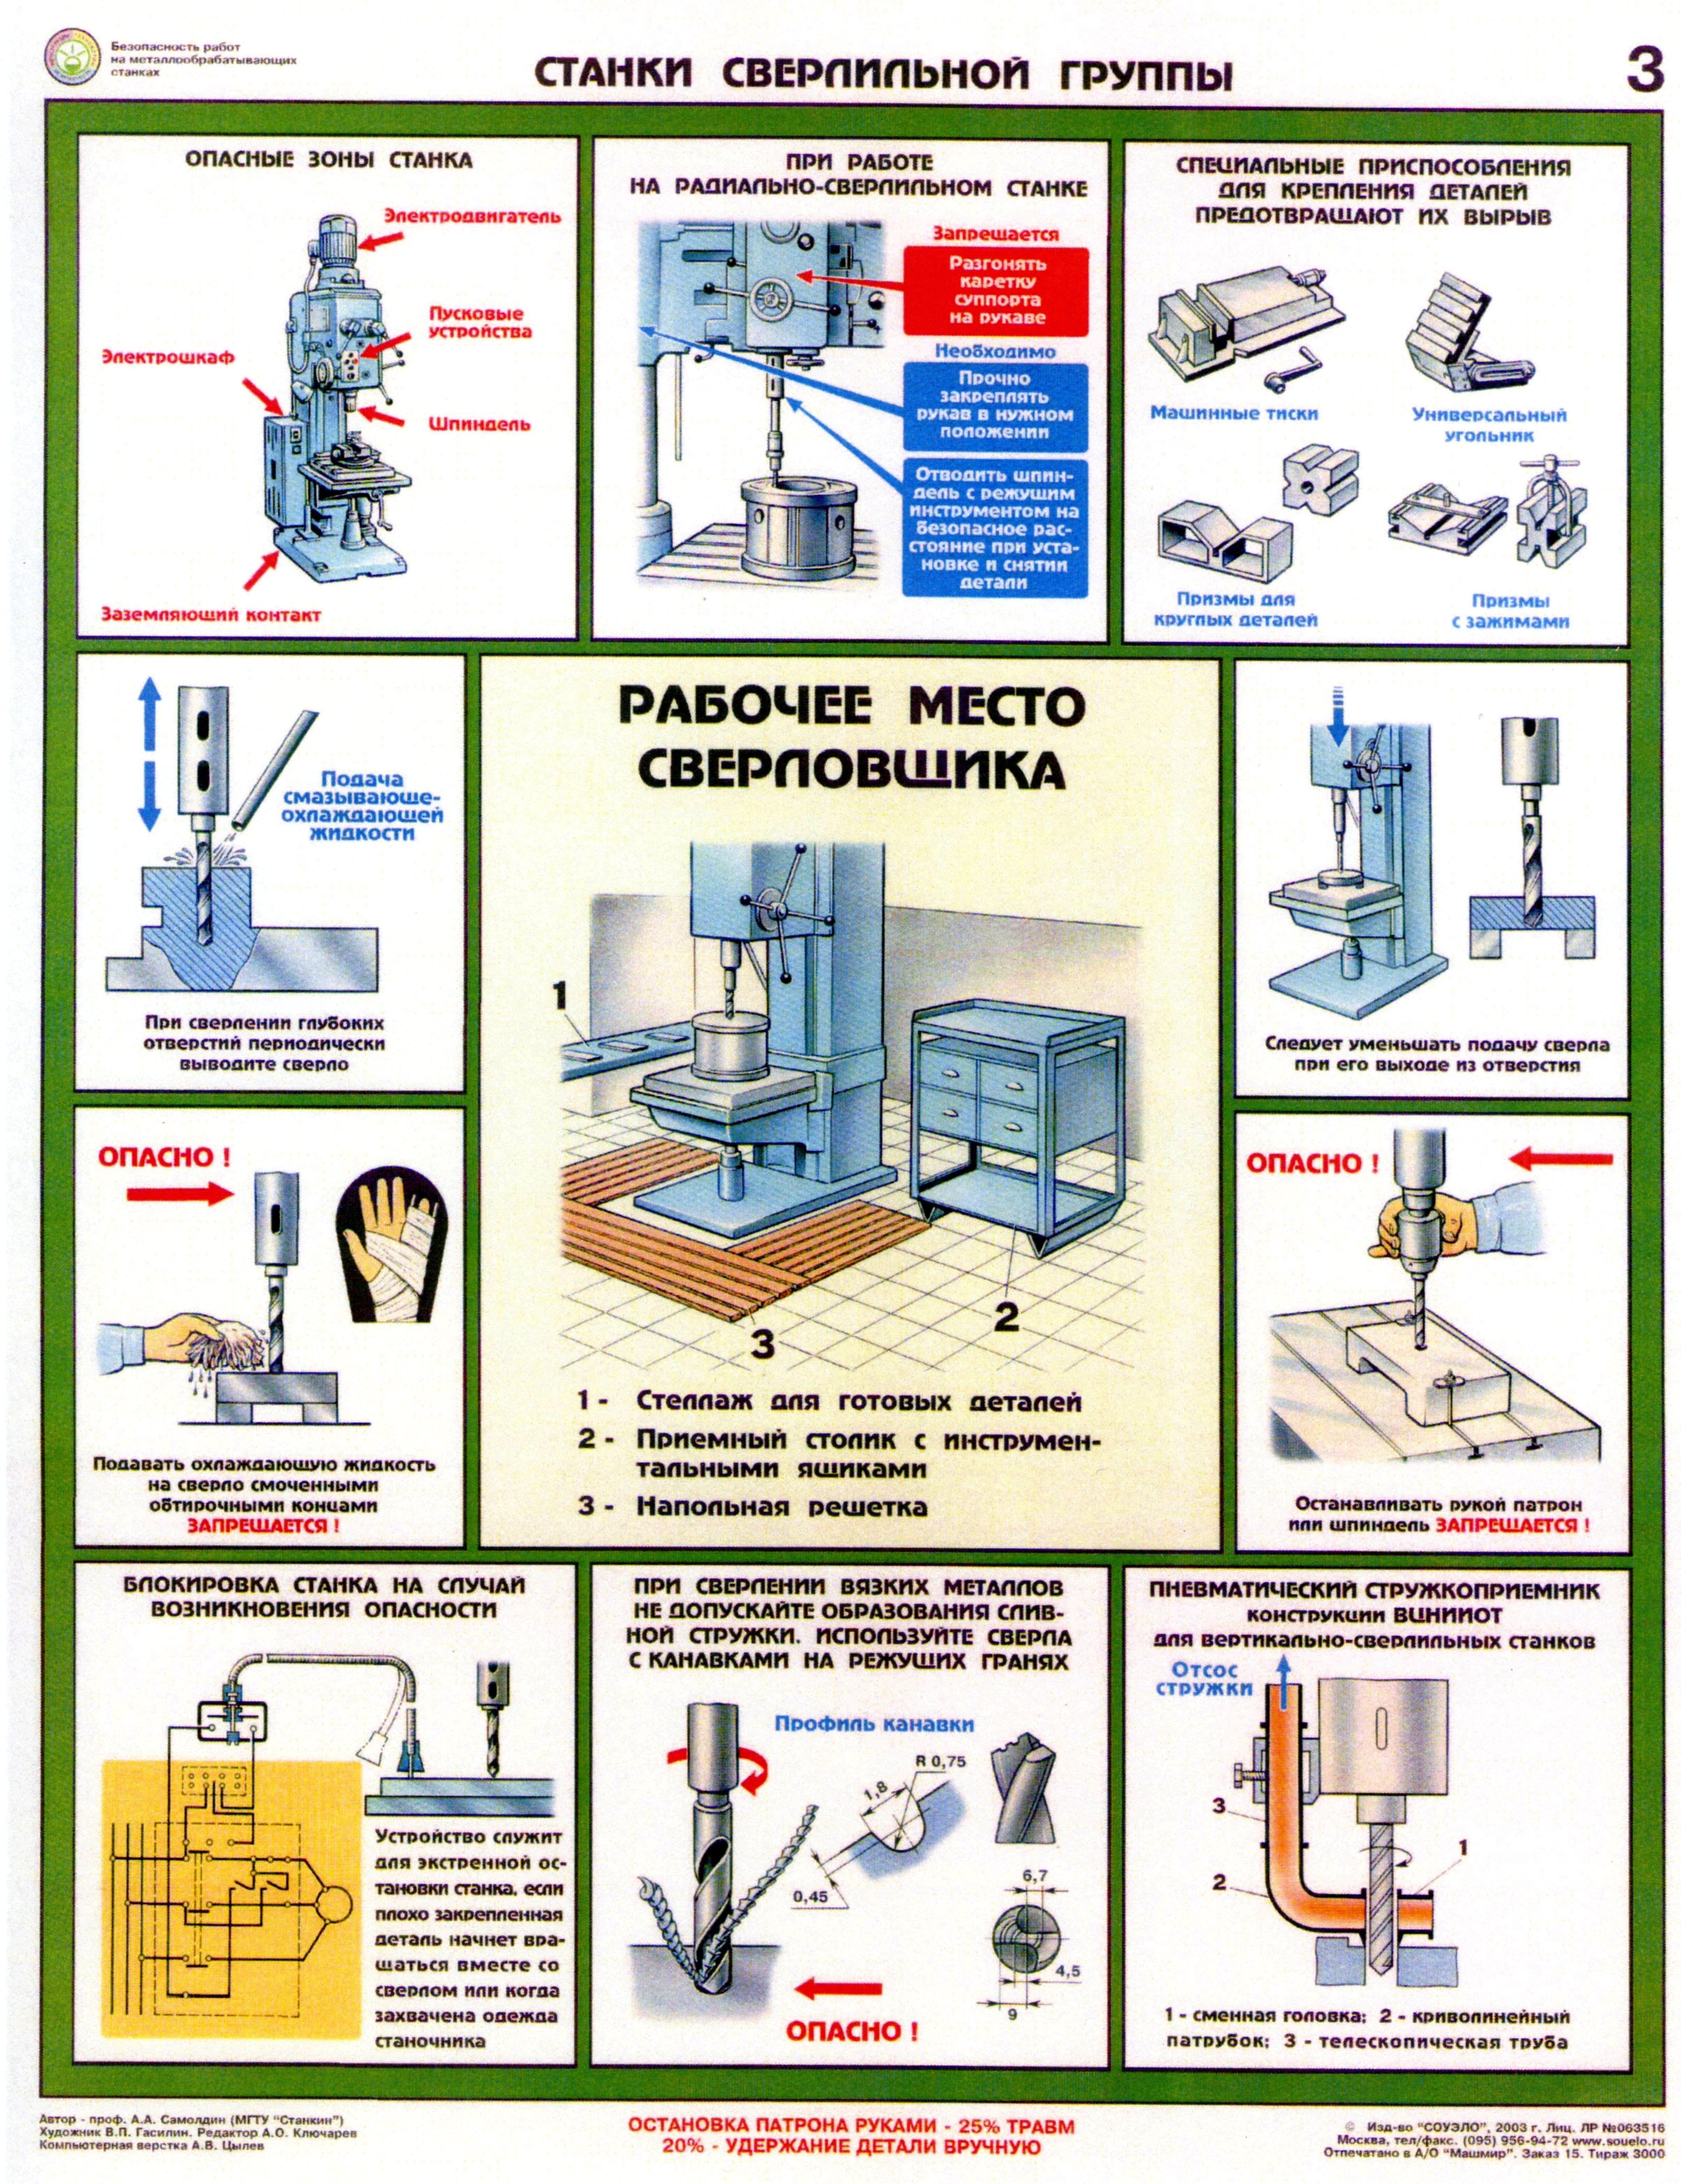 Инструкция по охране труда при работе на гидравлическом прессе